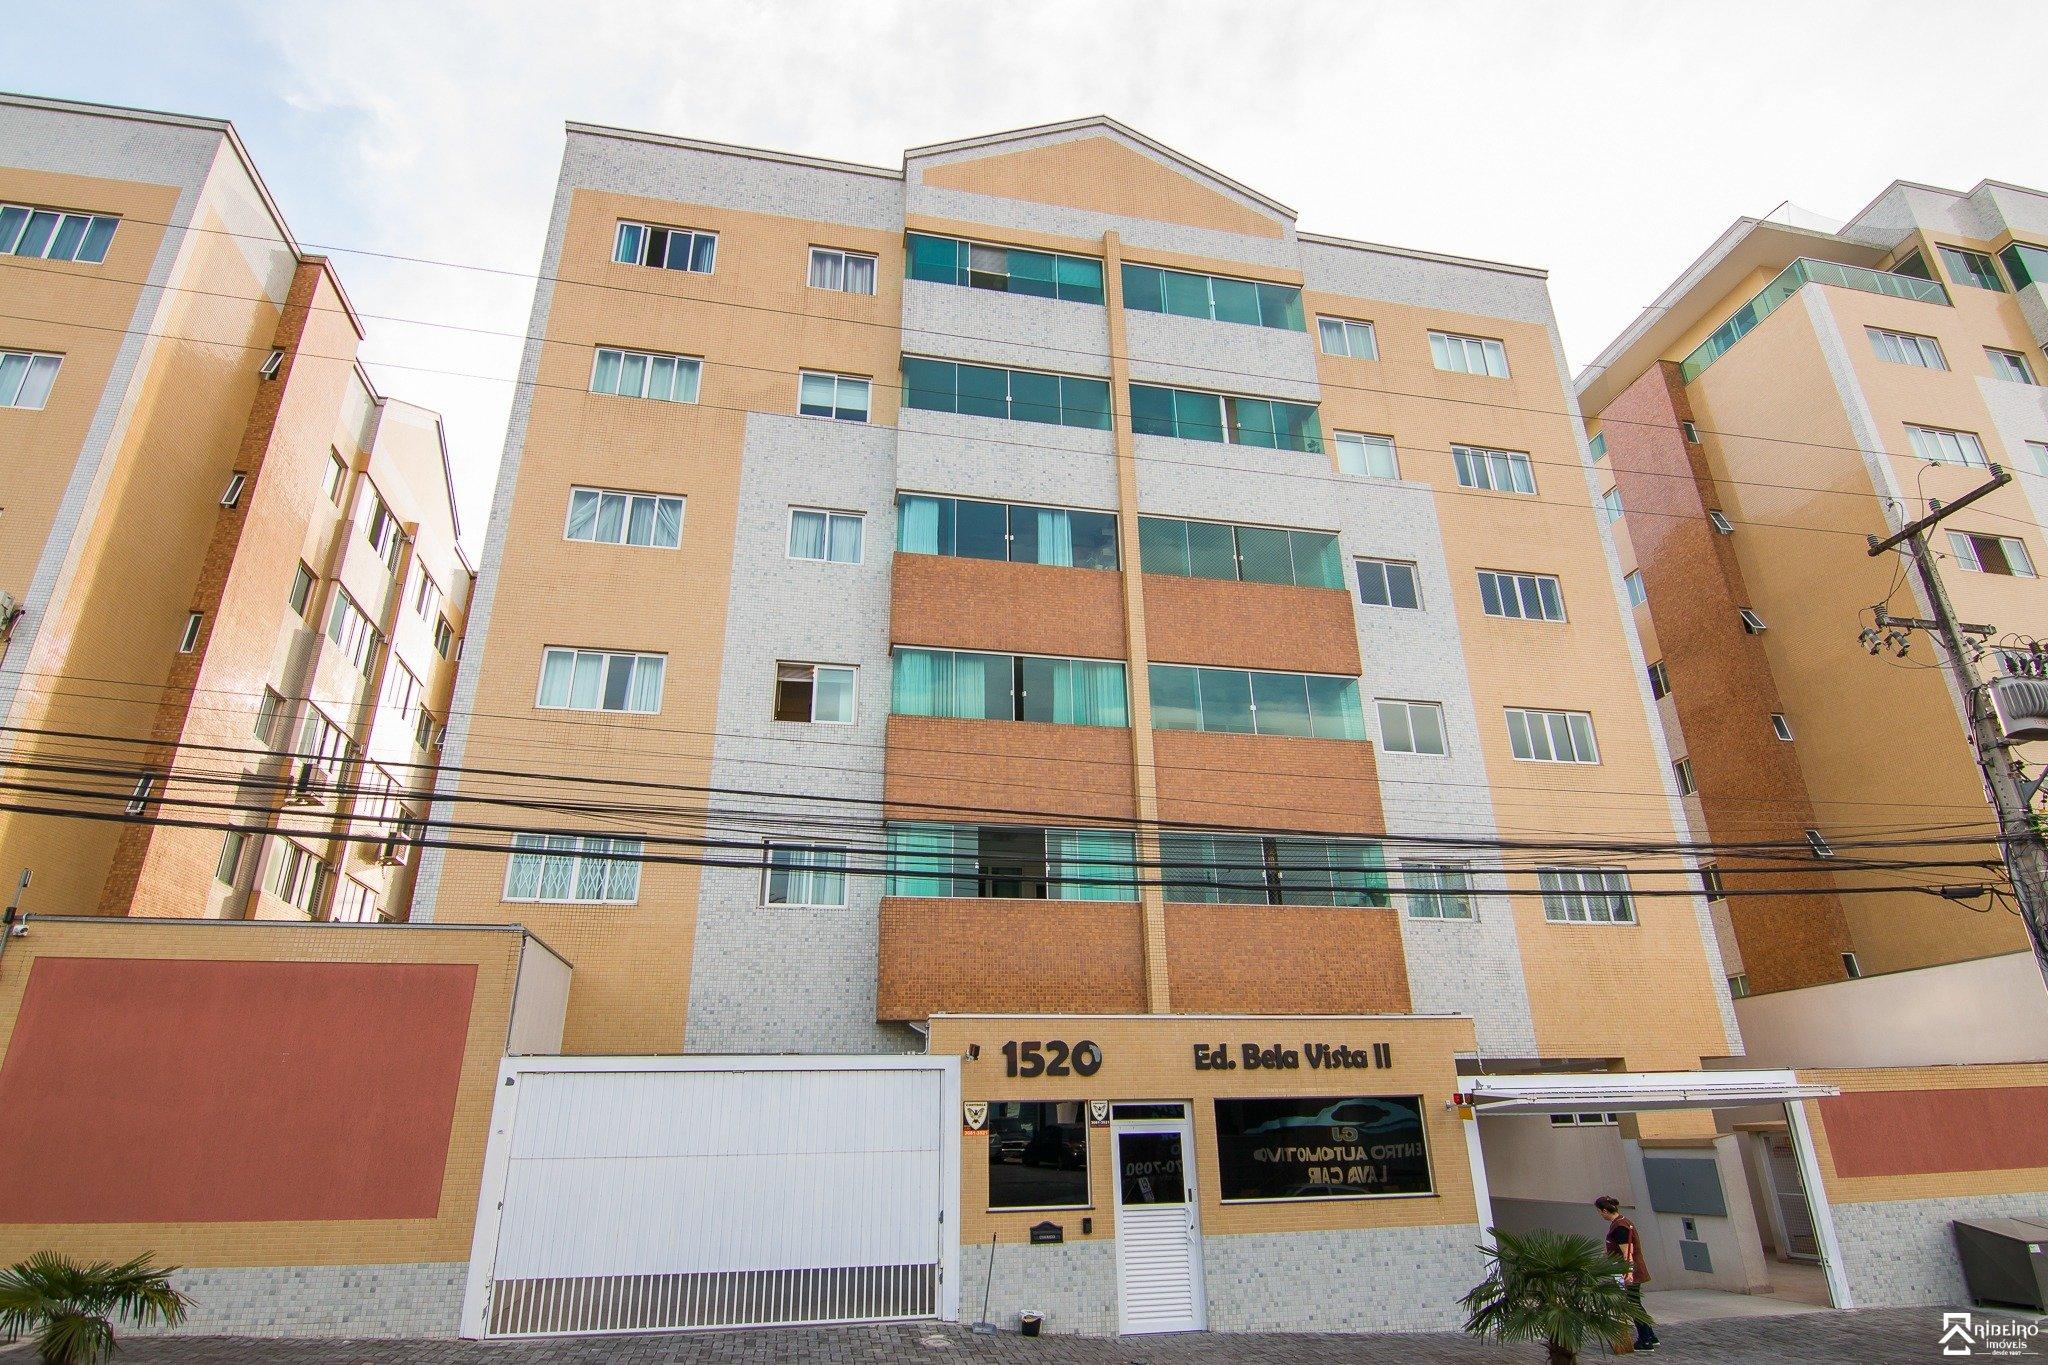 REF. 4658 -  São José Dos Pinhais - Rua  Doutor Motta Junior, 1520 - Apto 103